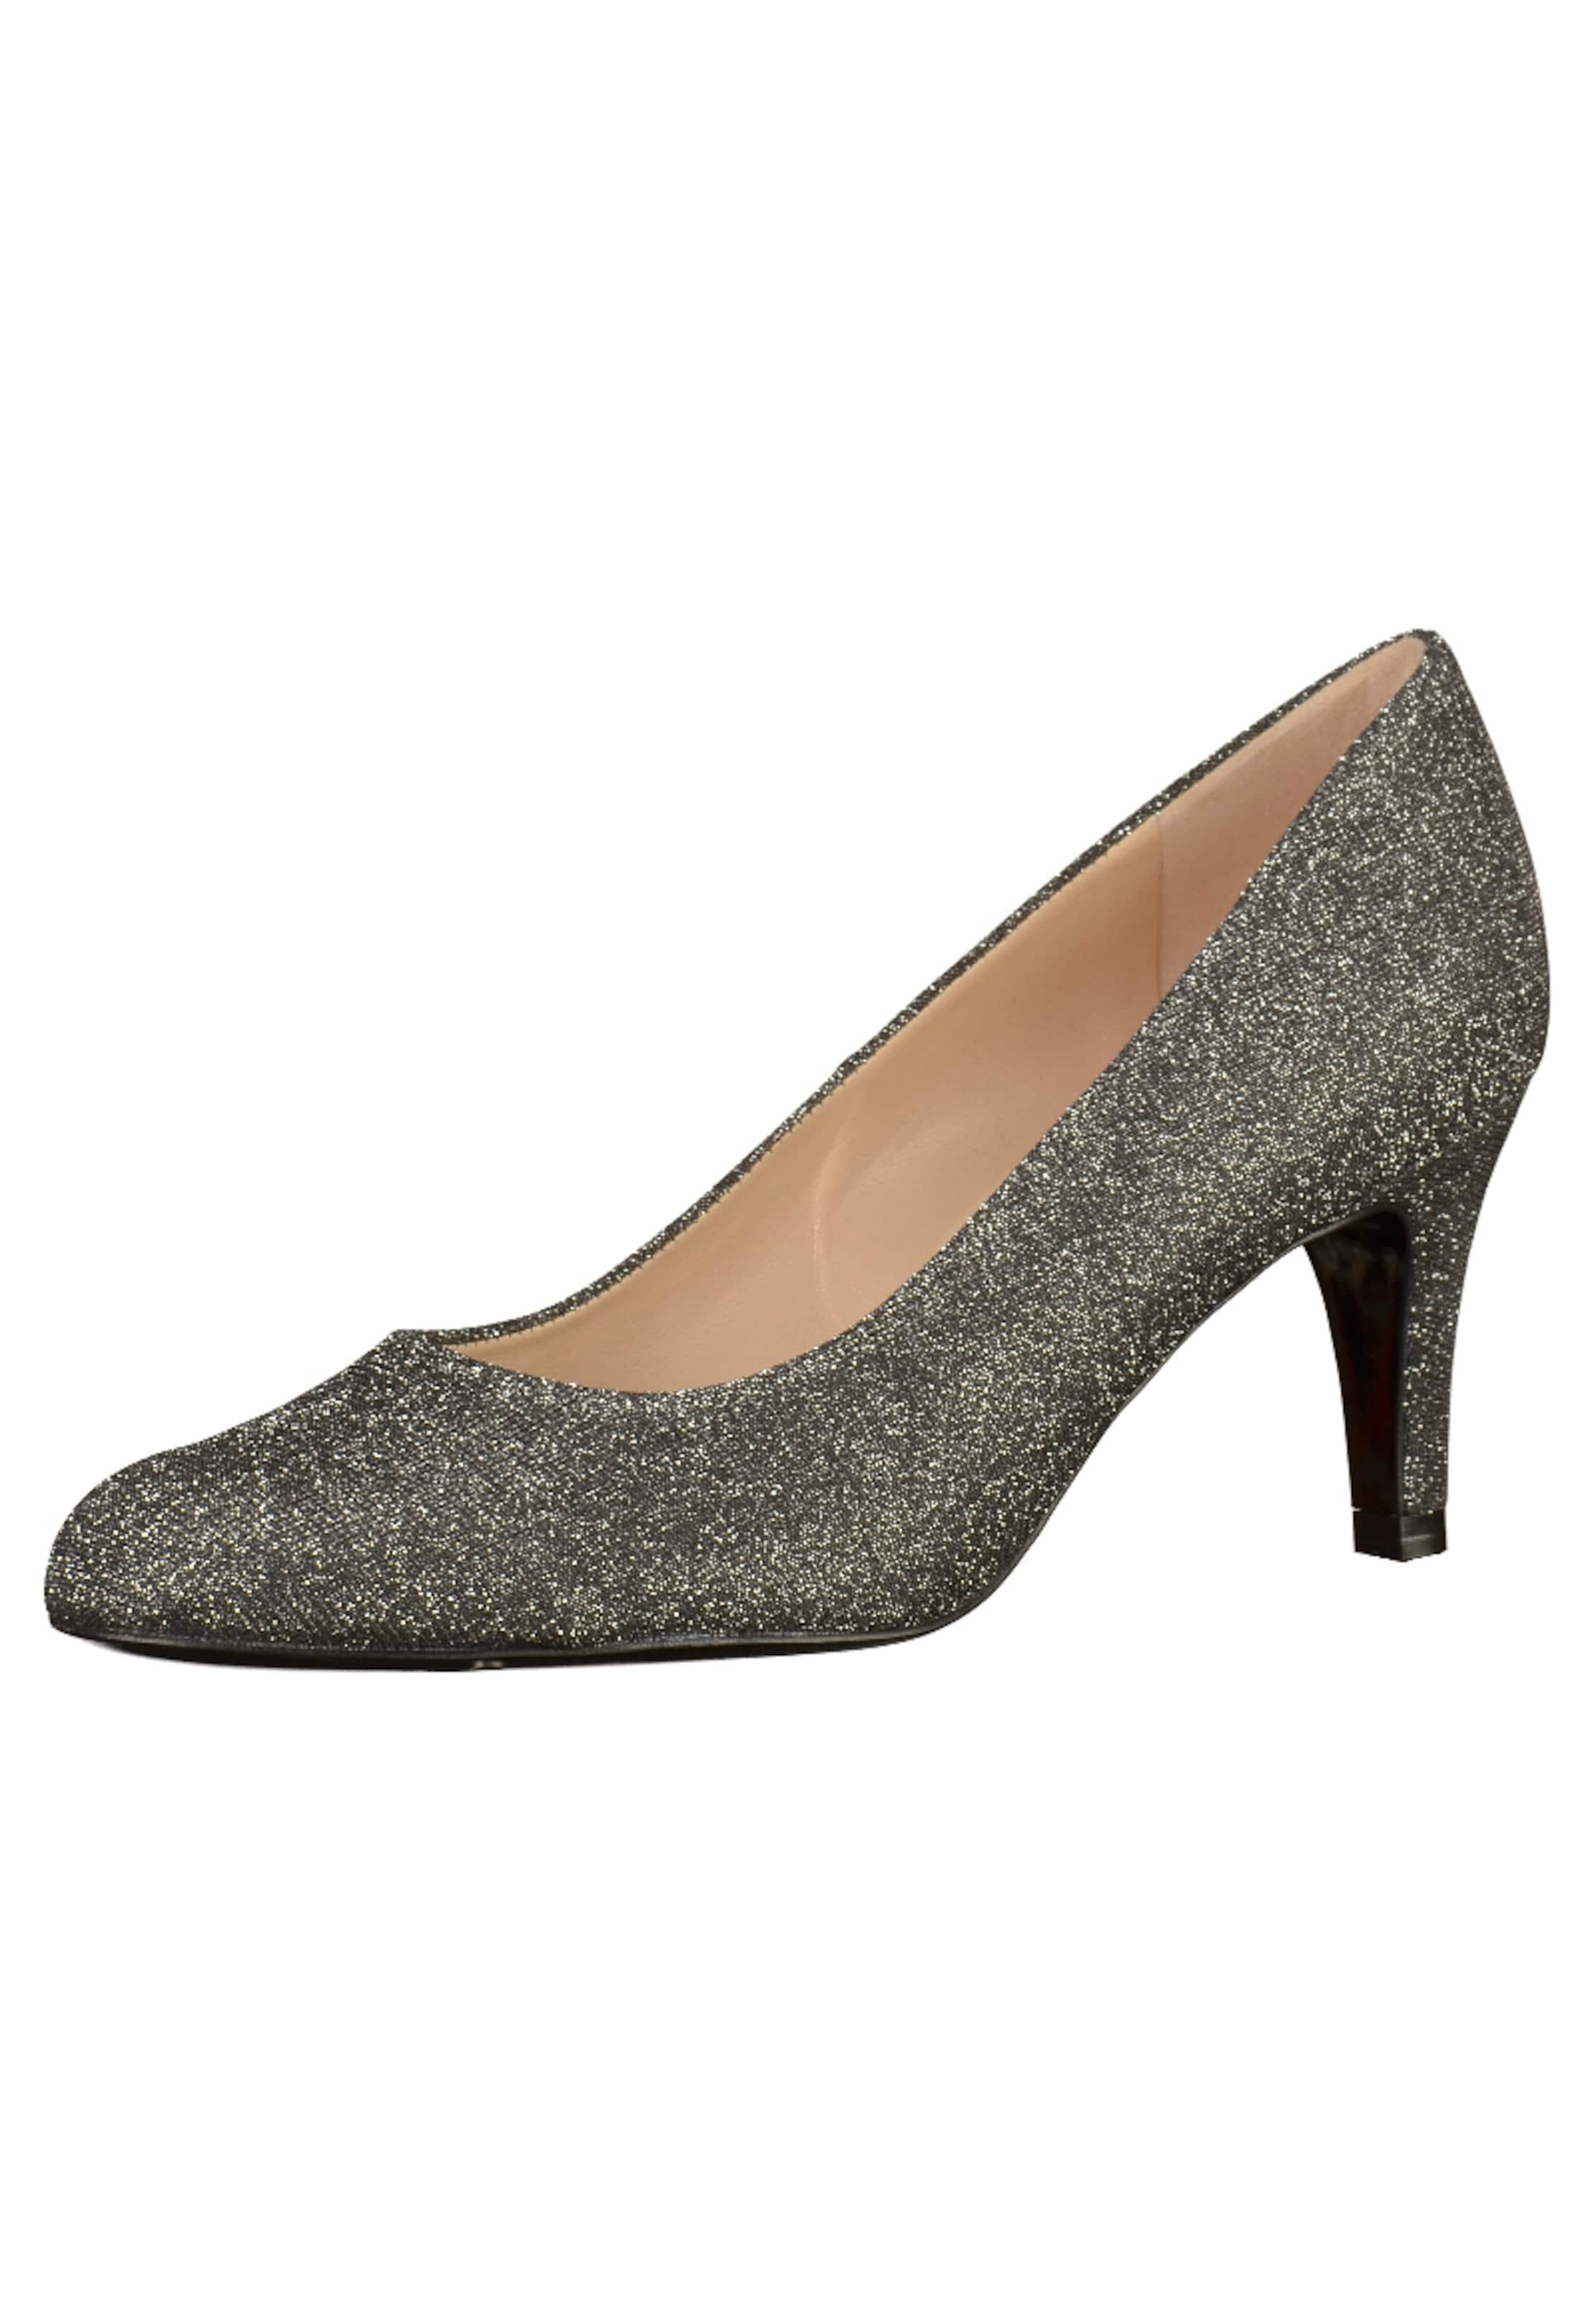 Haltbare Mode billige Schuhe PETER KAISER   Pumps Schuhe Gut getragene Schuhe